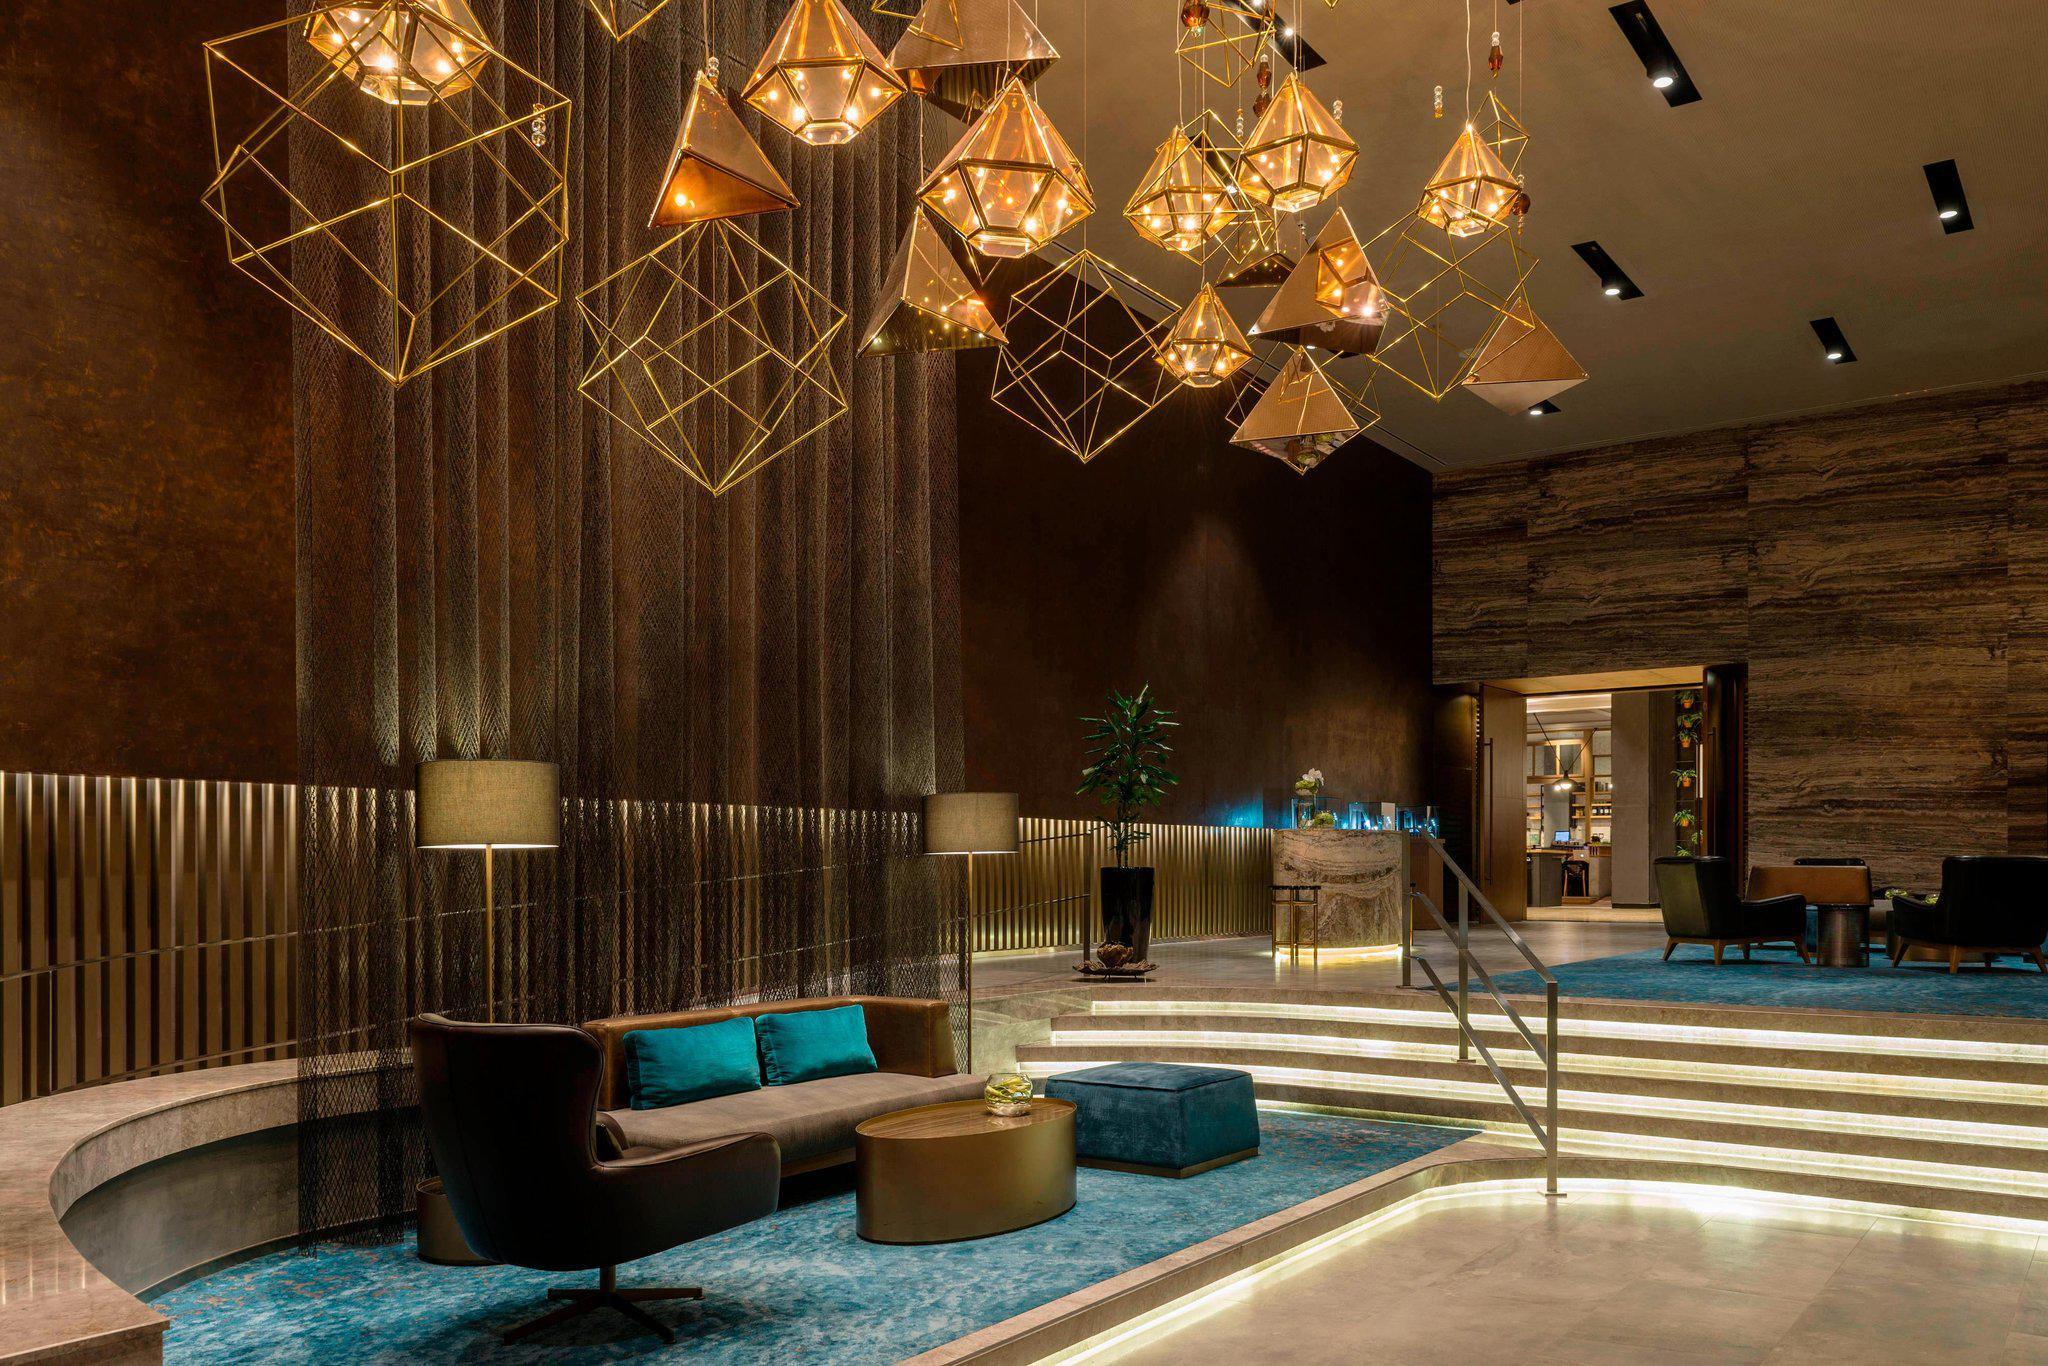 Sheraton Mall of the Emirates Hotel, Dubai